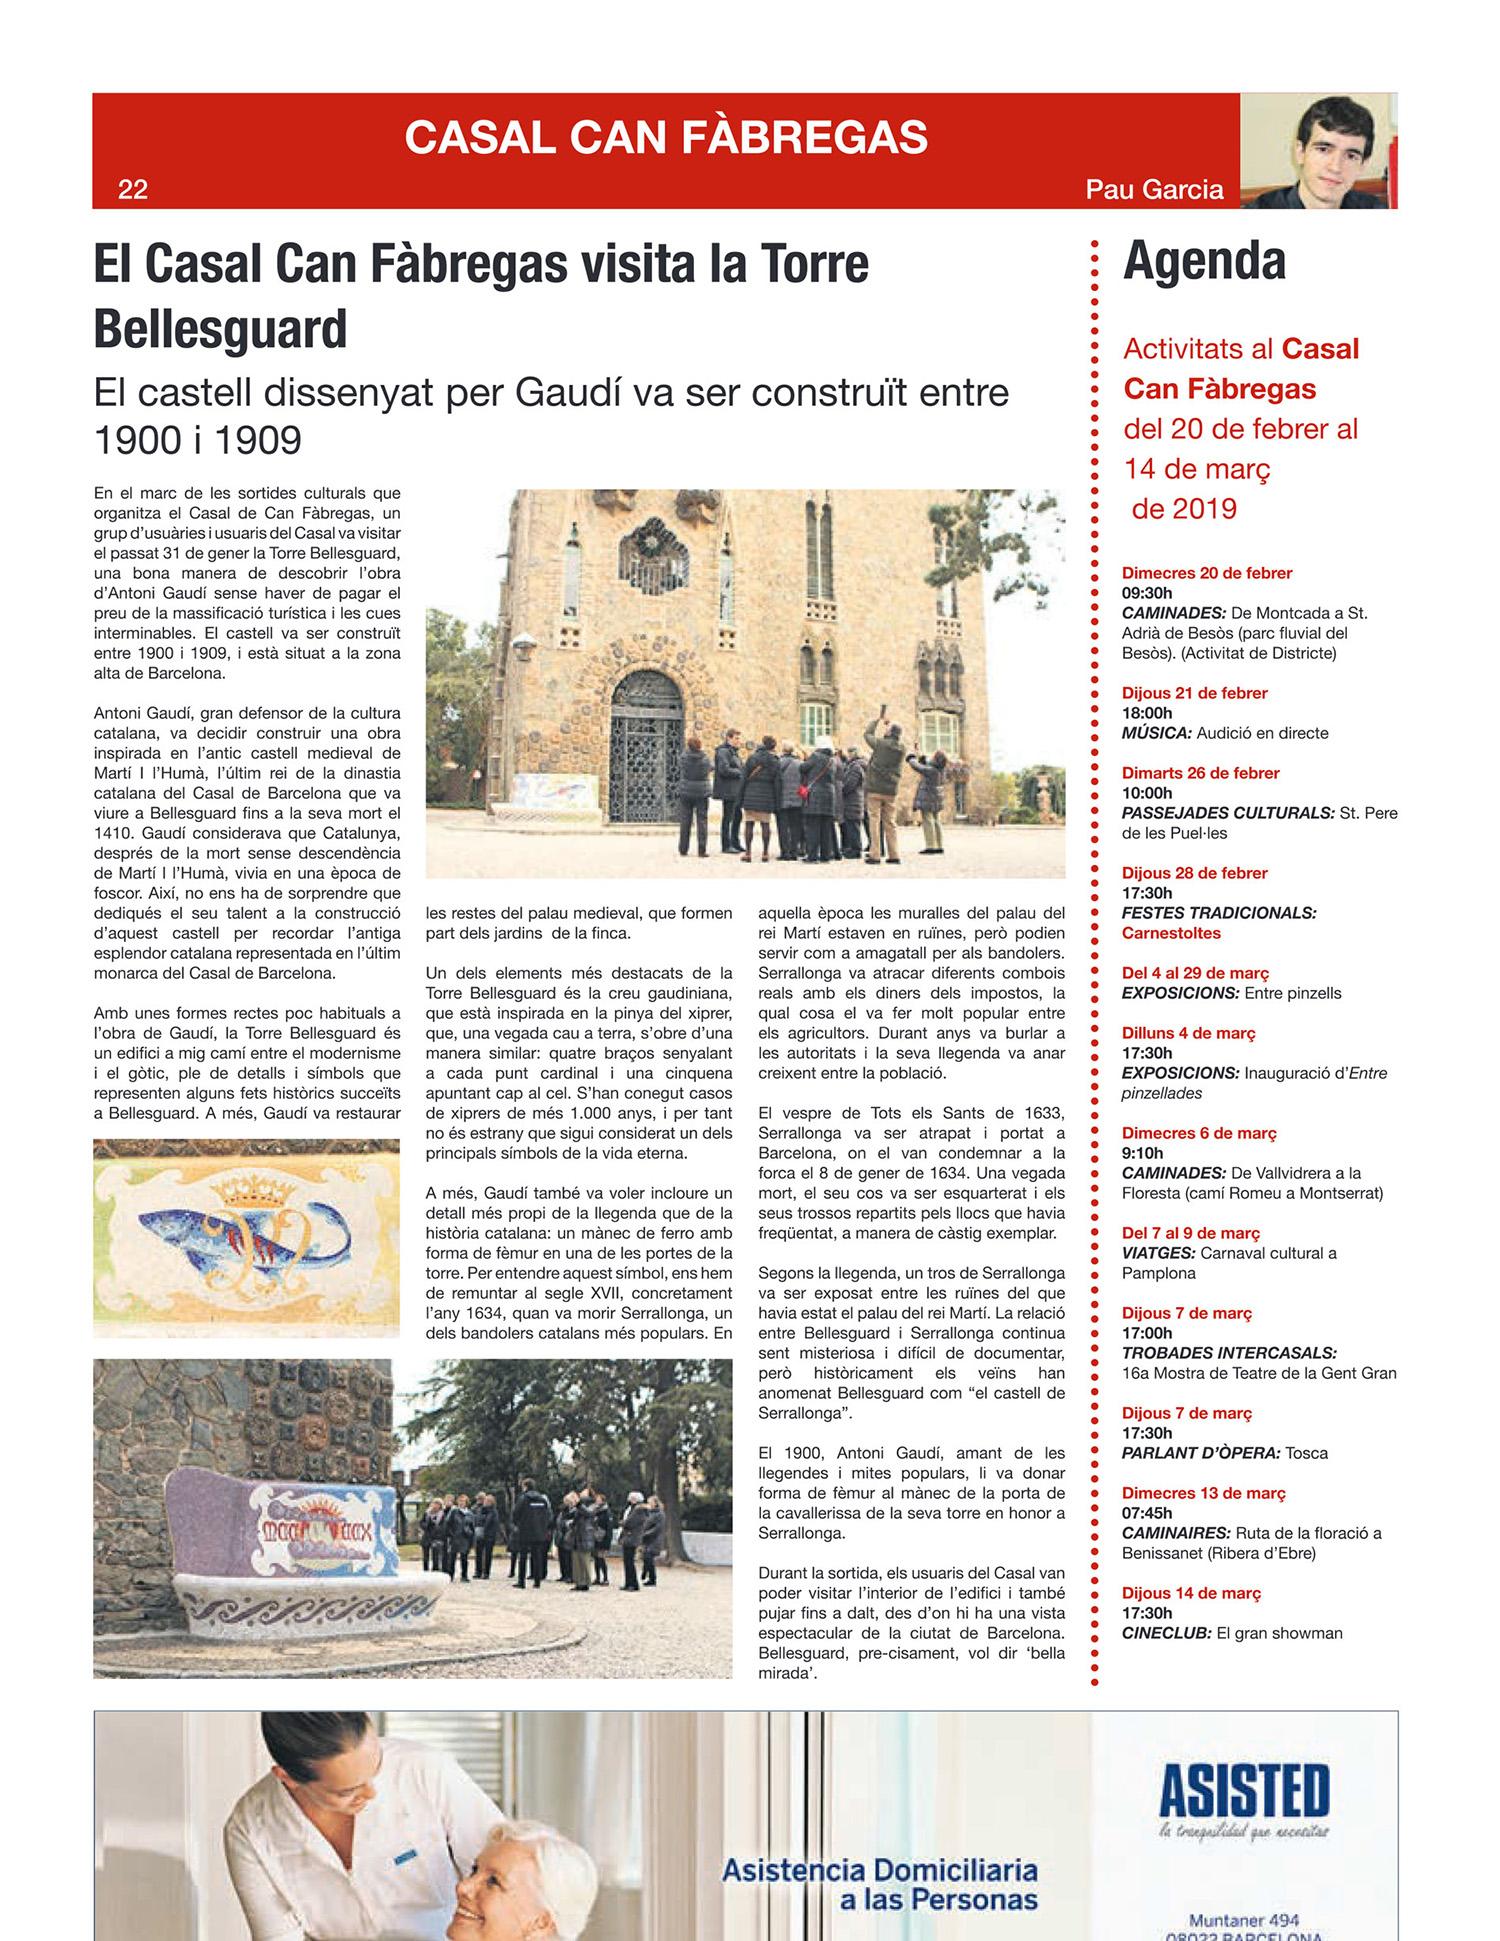 Casal Can Fàbregas viene a visitar la Torre Bellesguard de Antoni Gaudí.